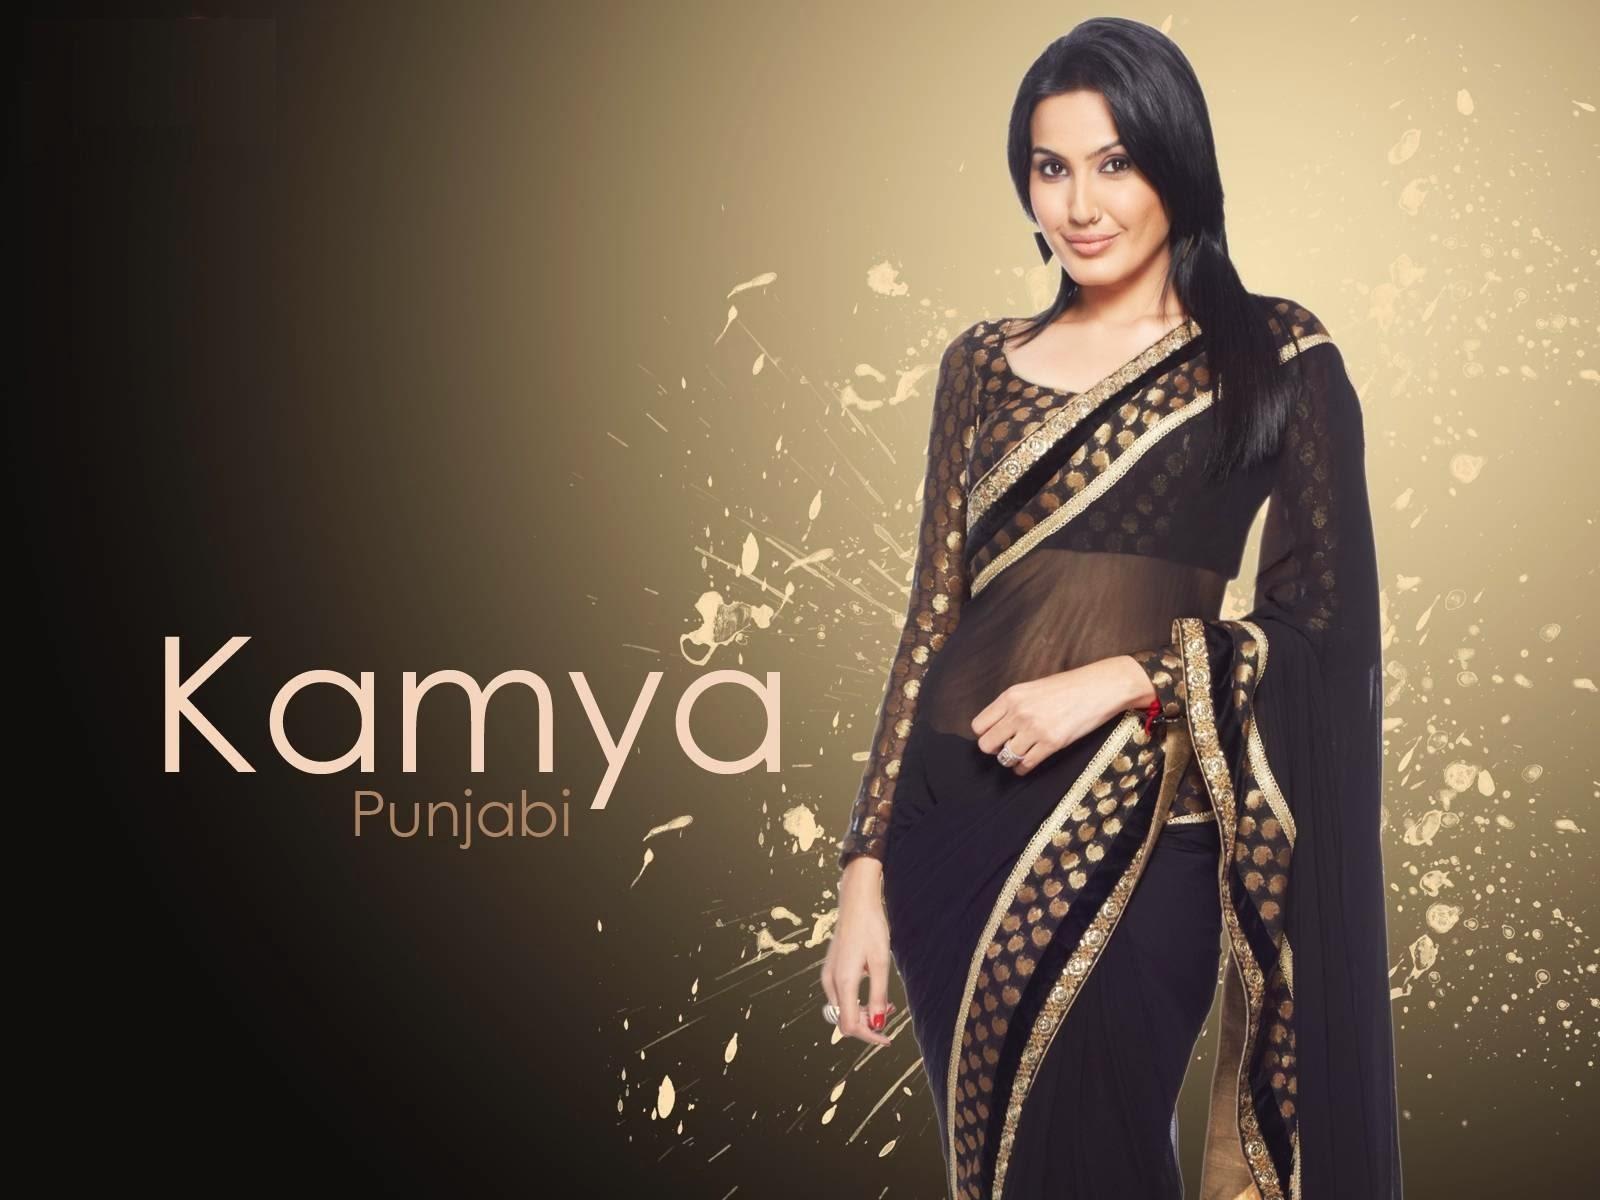 All 4U Hd Wallpaper Free Download  Kamya Punjabi -1437